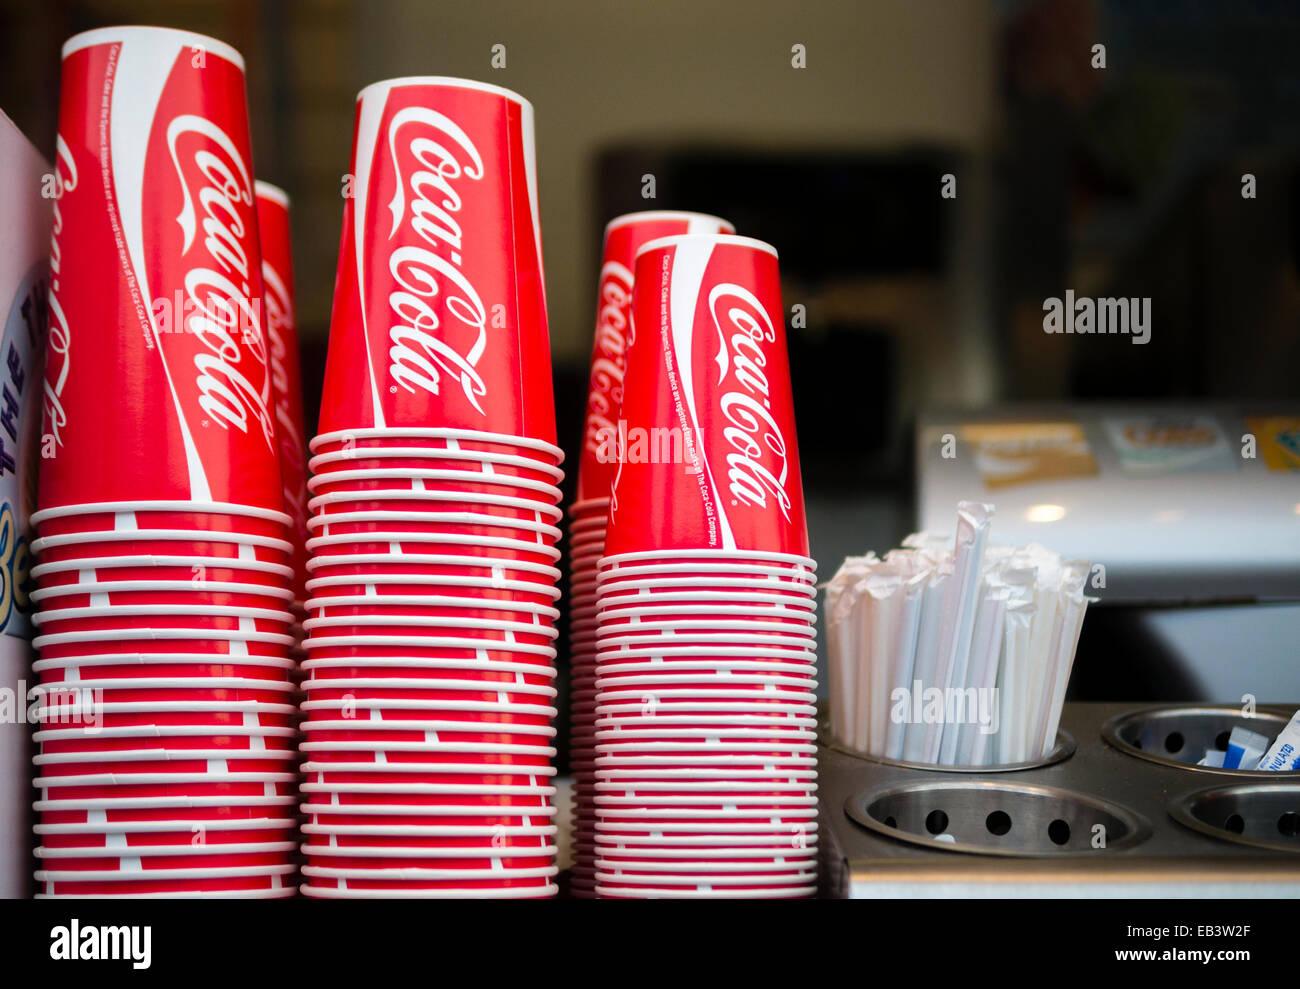 coca-coca cola beverage company essay The coca-cola company has,  coca, coca-cola we will write a custom essay sample on  more essay examples on coca-cola rubric.